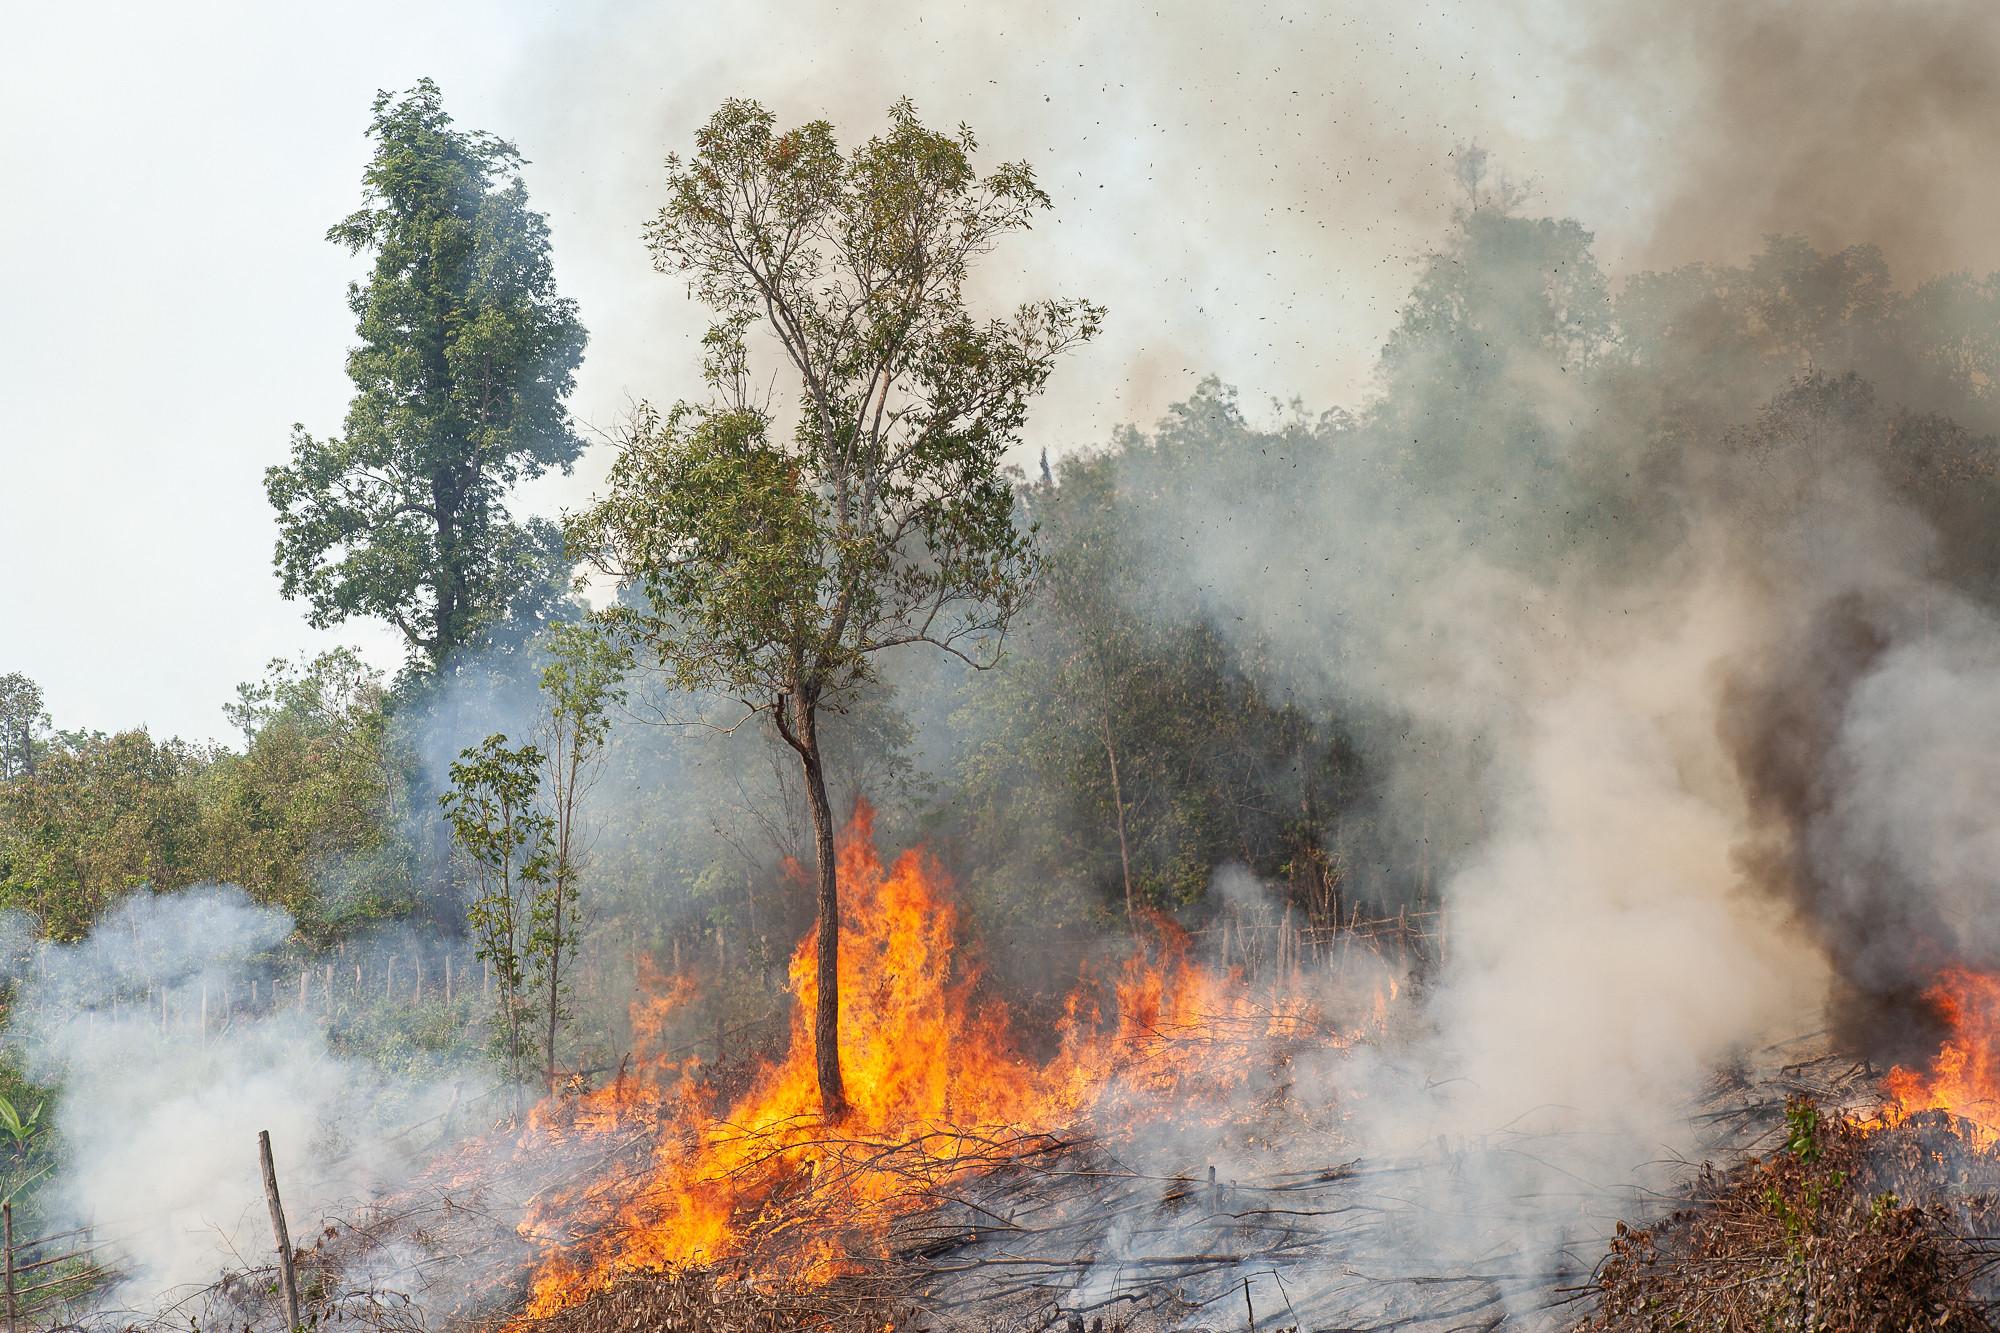 การเผาไร่ของชาวบ้านป่าคาใน ต.สะเมิงใต้ อ.สะเมิง จ.เชียงใหม่ ภาพถ่ายเมื่อ 6 พ.ค. 63 (ที่มา: ณัฐชานันท์ กล้าหาญ)